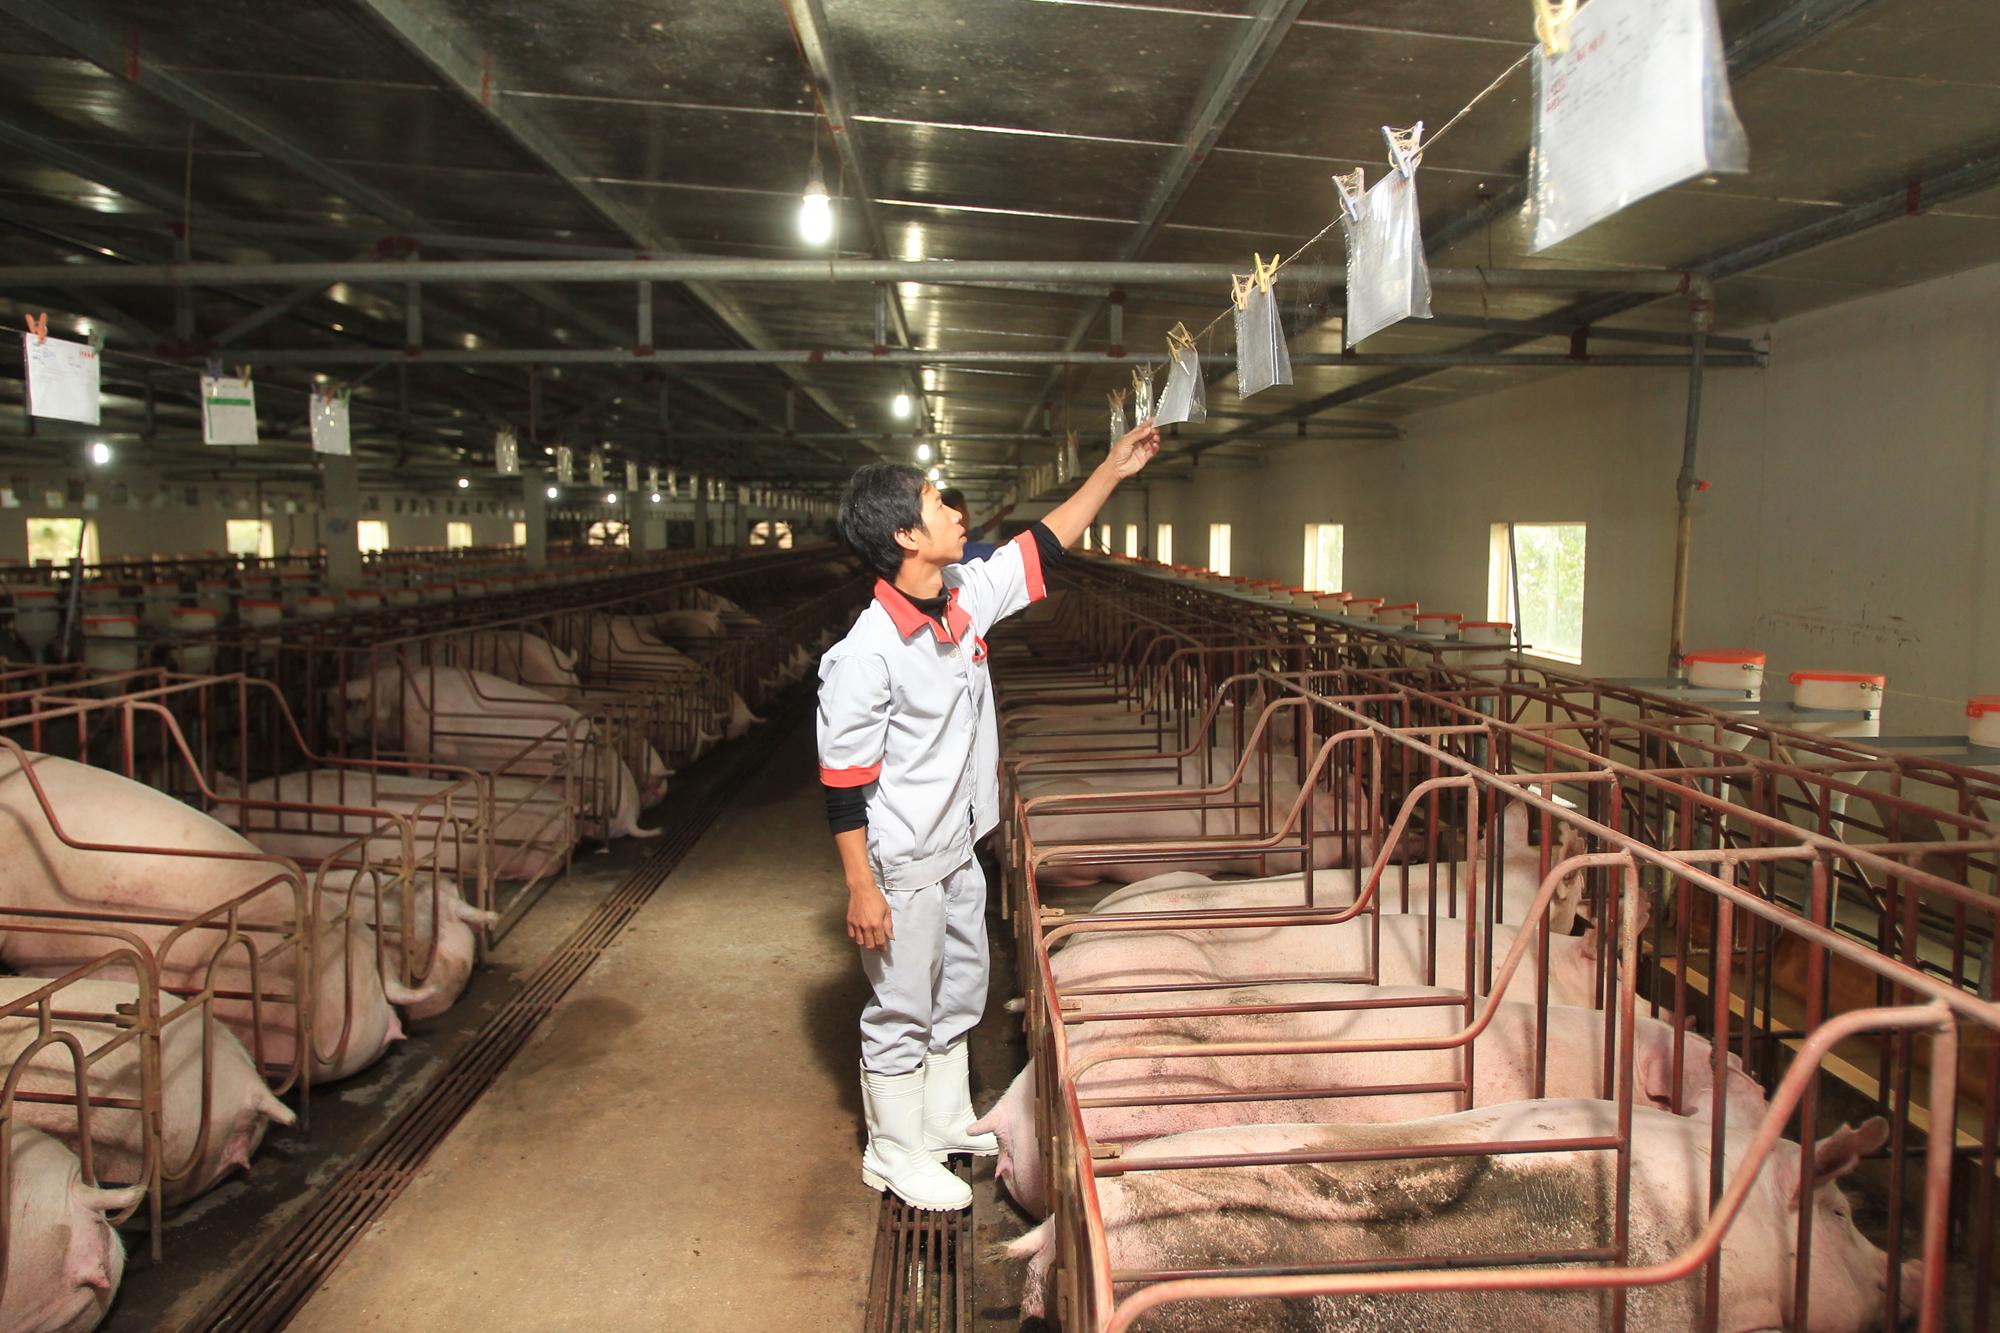 Giá lợn hơi tại Việt Nam giảm sâu, Trung Quốc đối mặt khủng hoảng thừa nguồn cung thịt lợn - Ảnh 1.